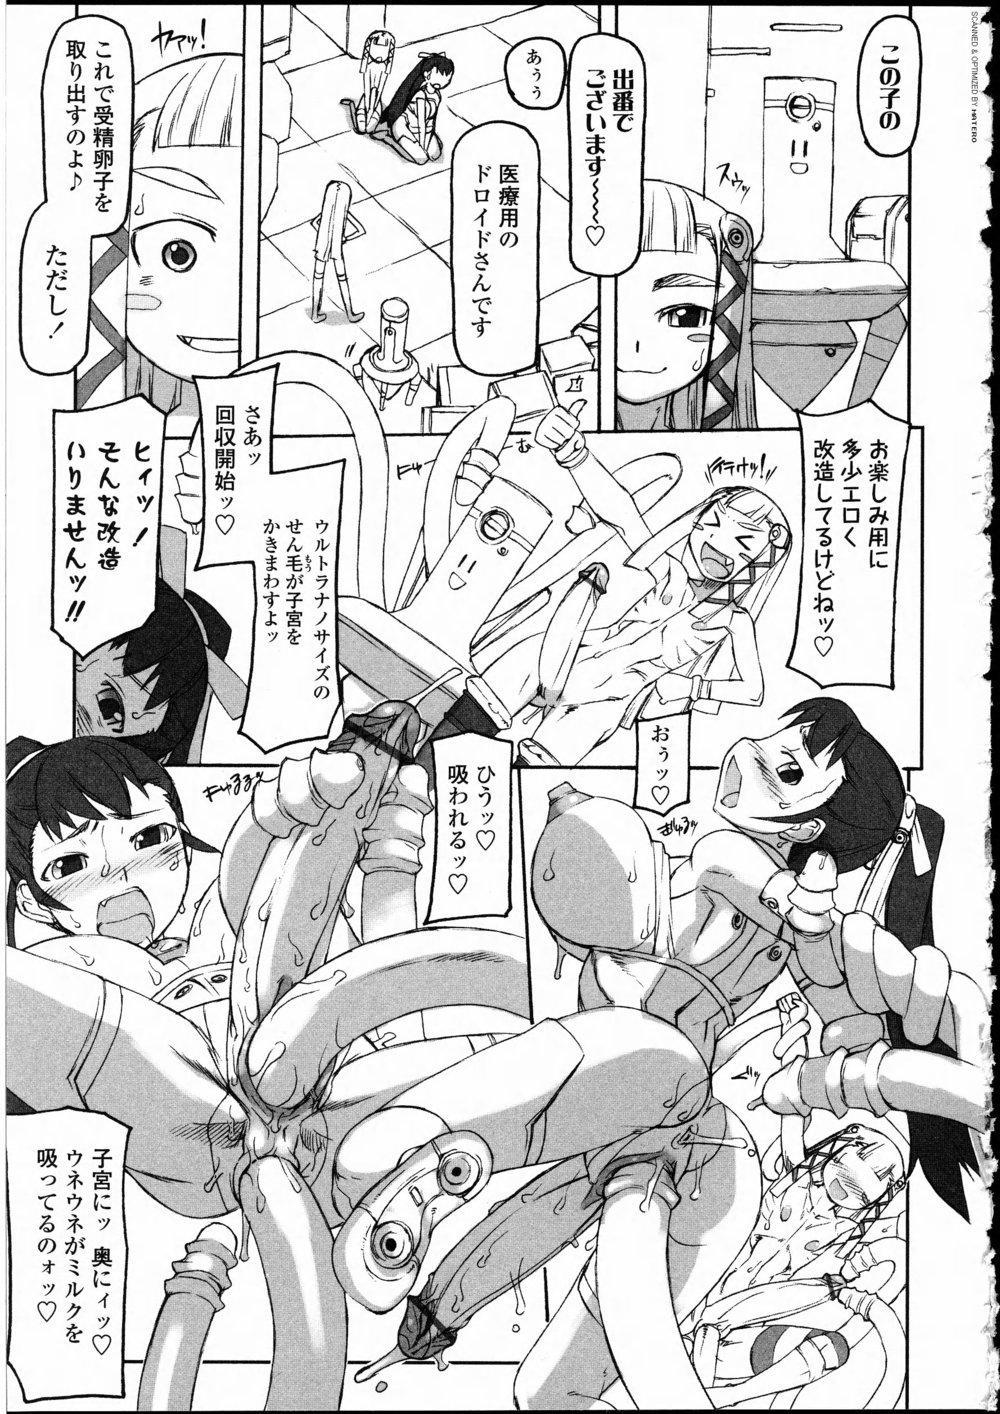 Futanarikko LOVE 10 118